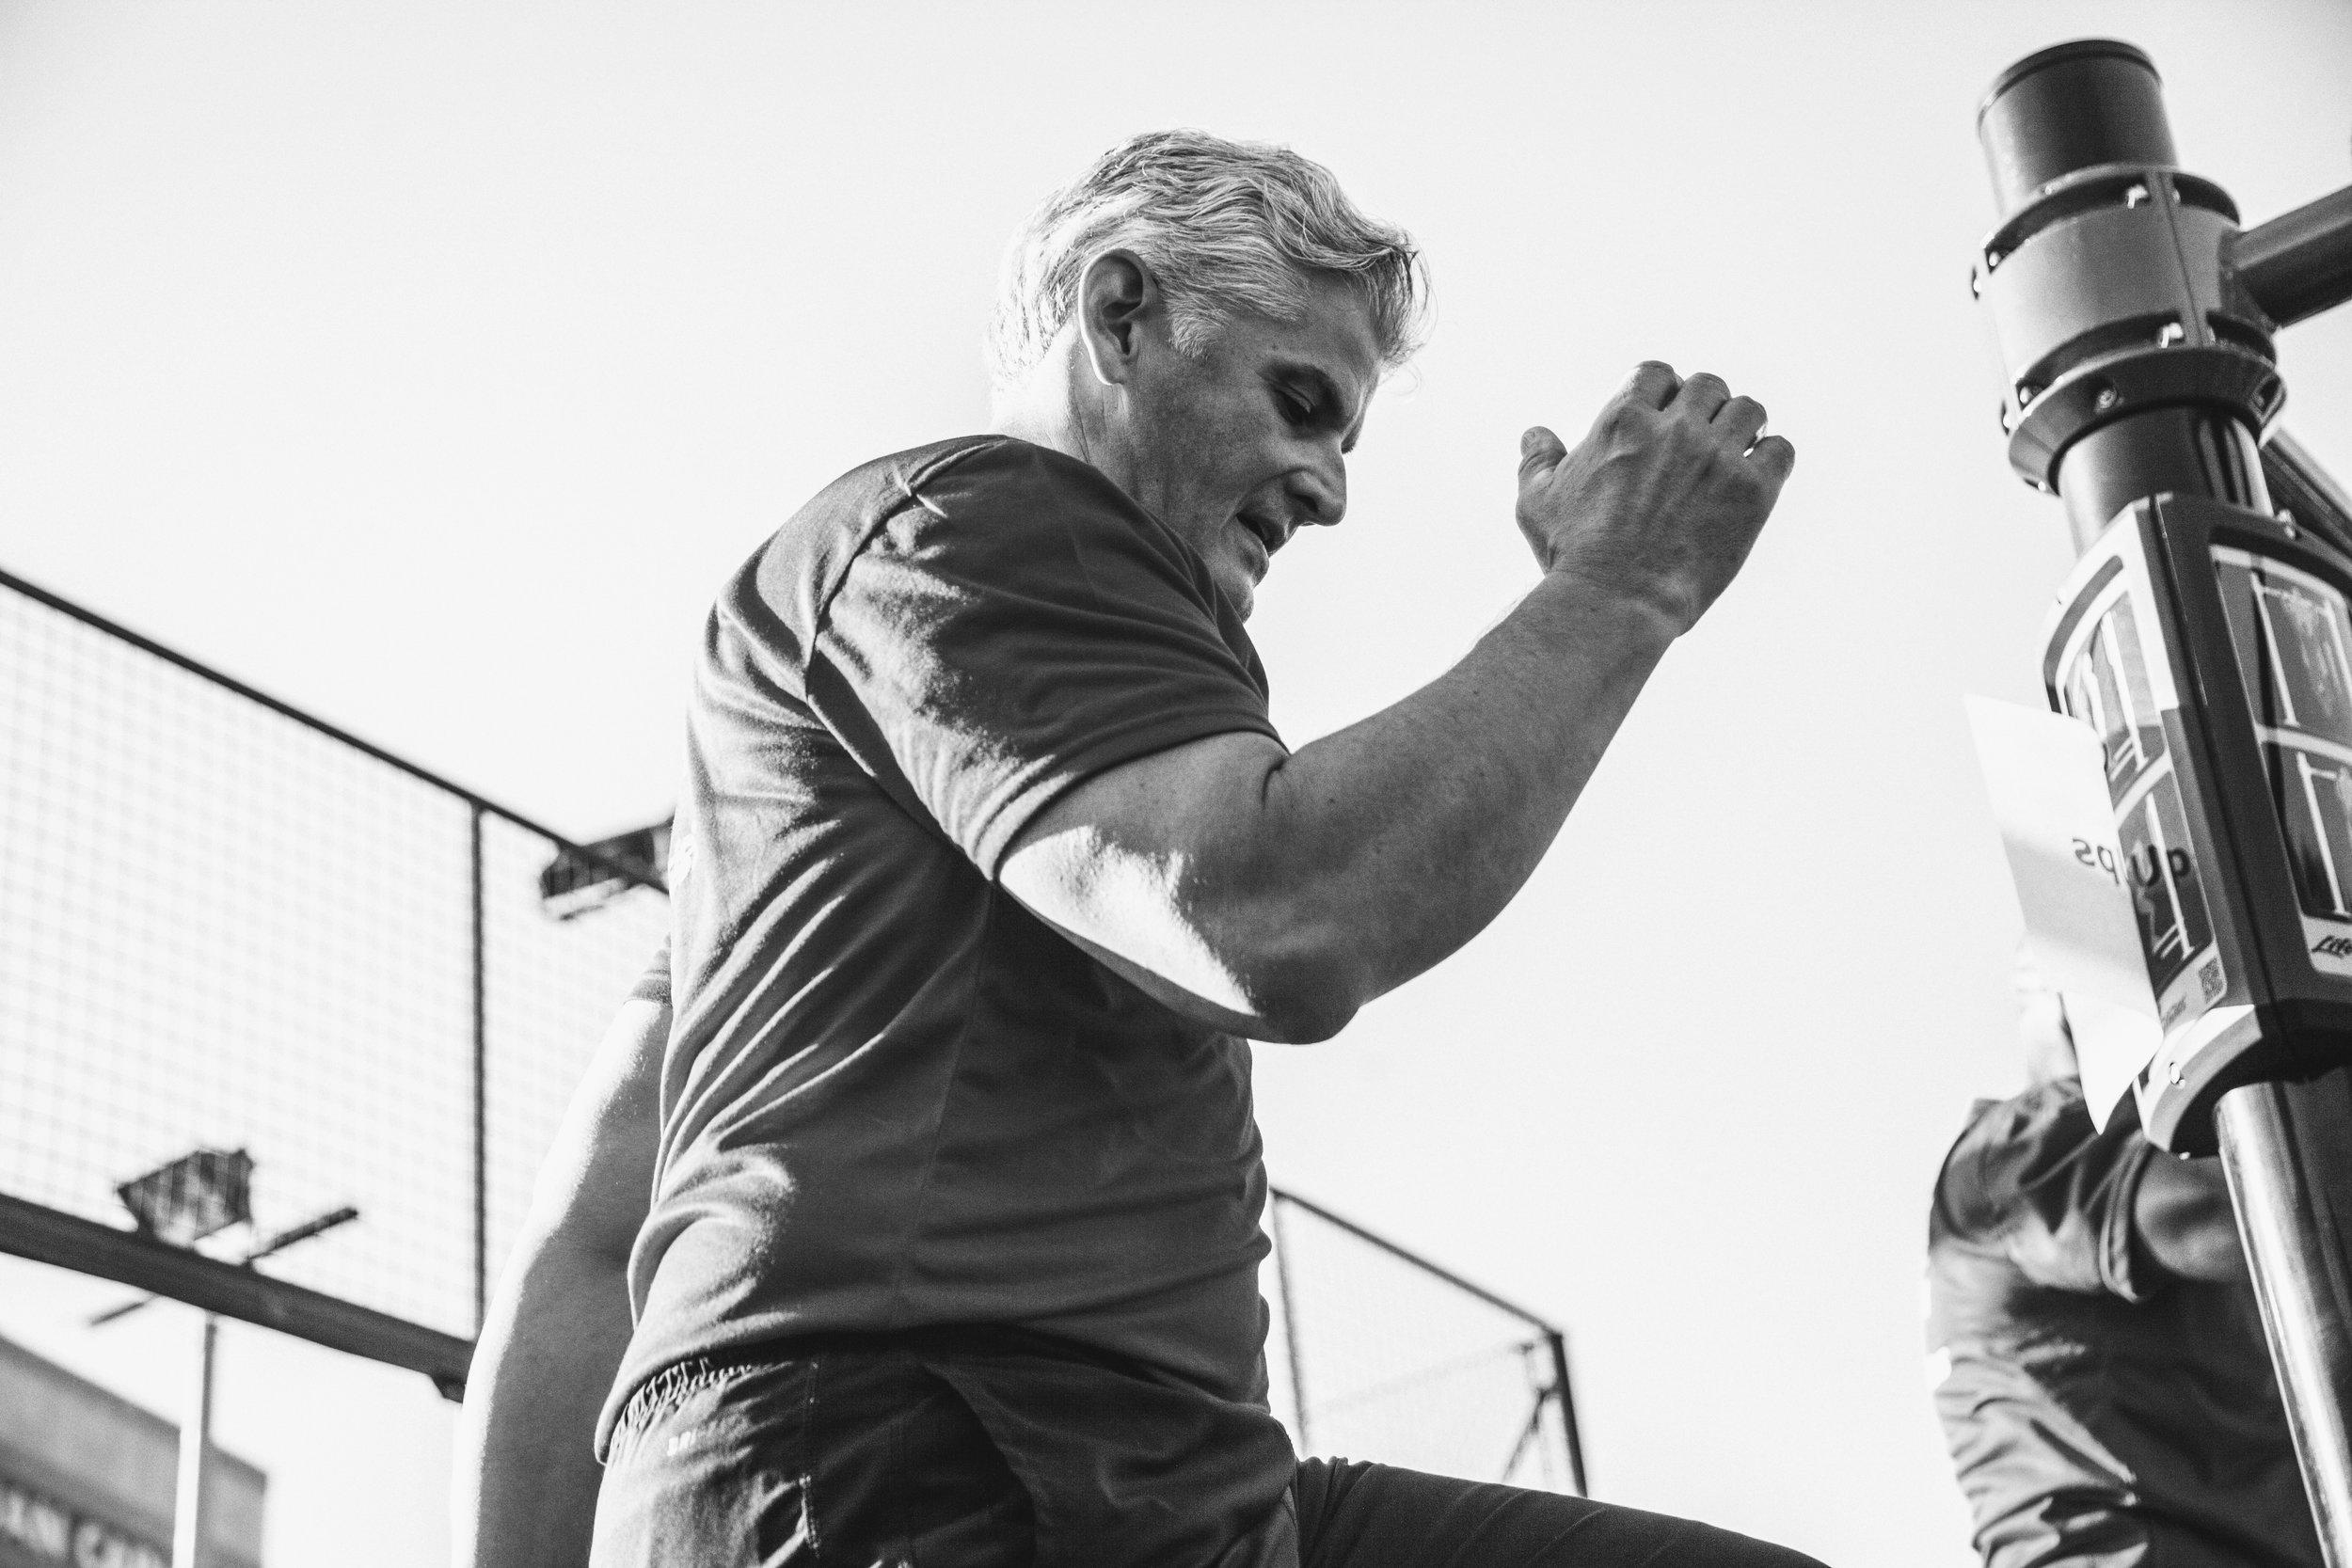 Chris Clough, Elite Trainer